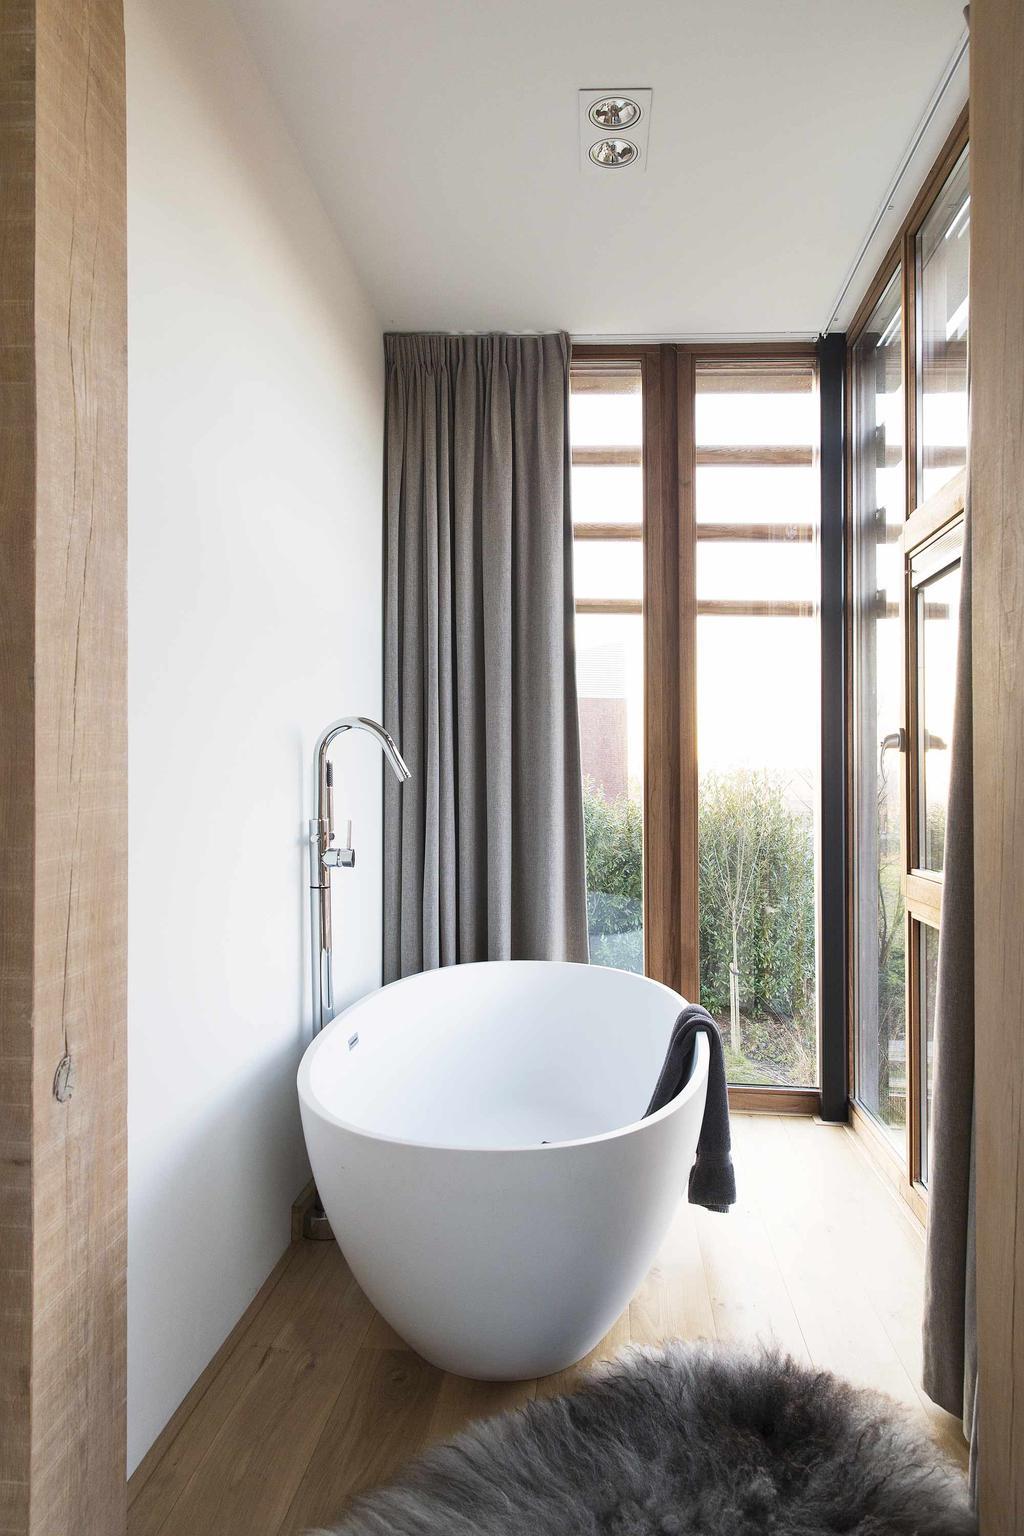 Wit vrijstaand bad in lichte ruimte